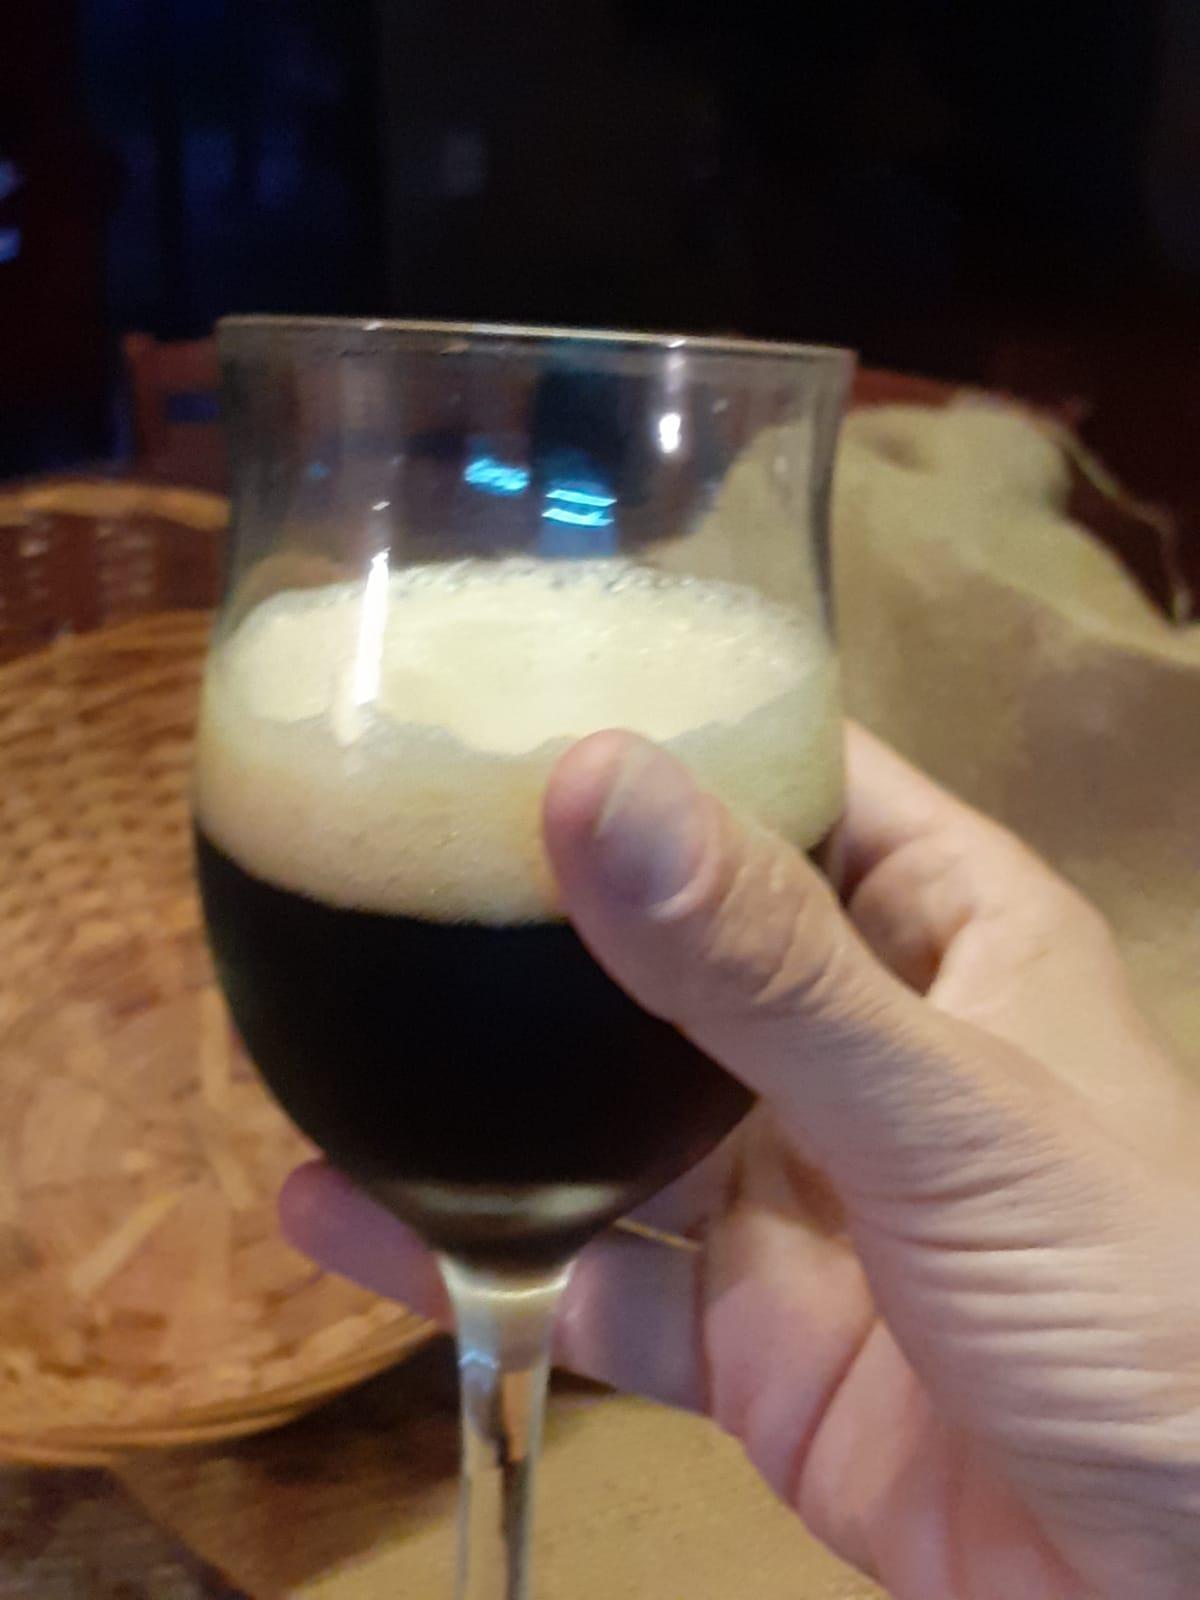 negra en copa